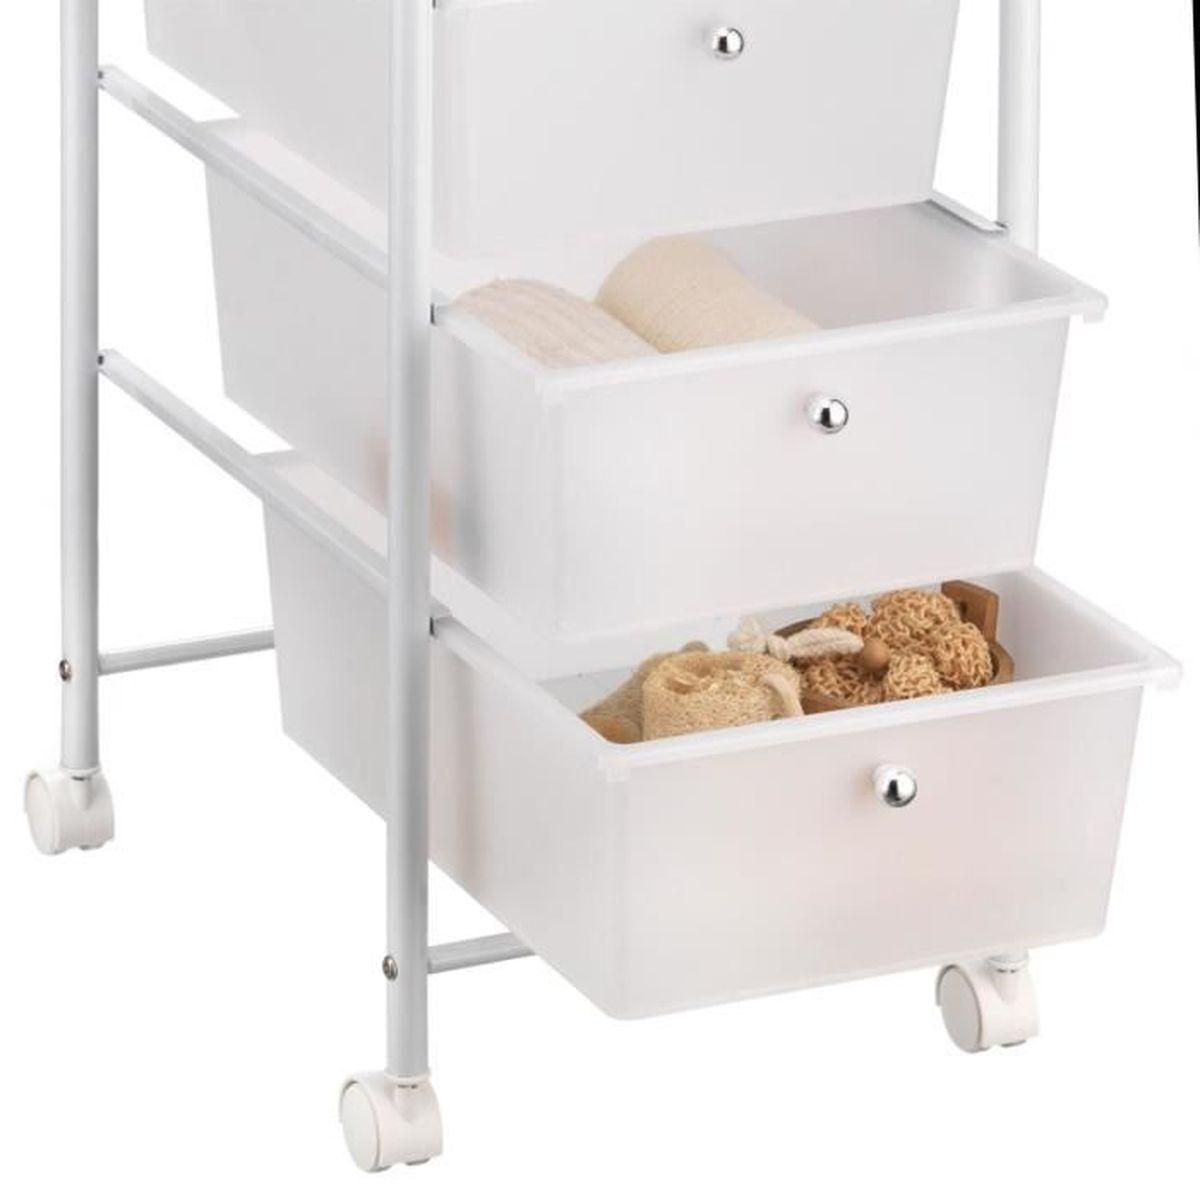 Caisson Pour Seche Linge caisson sur roulettes gina chariot 5 tiroirs en plastique blanc transparent  et 1 tablette, meuble de rangement en métal laqué blanc